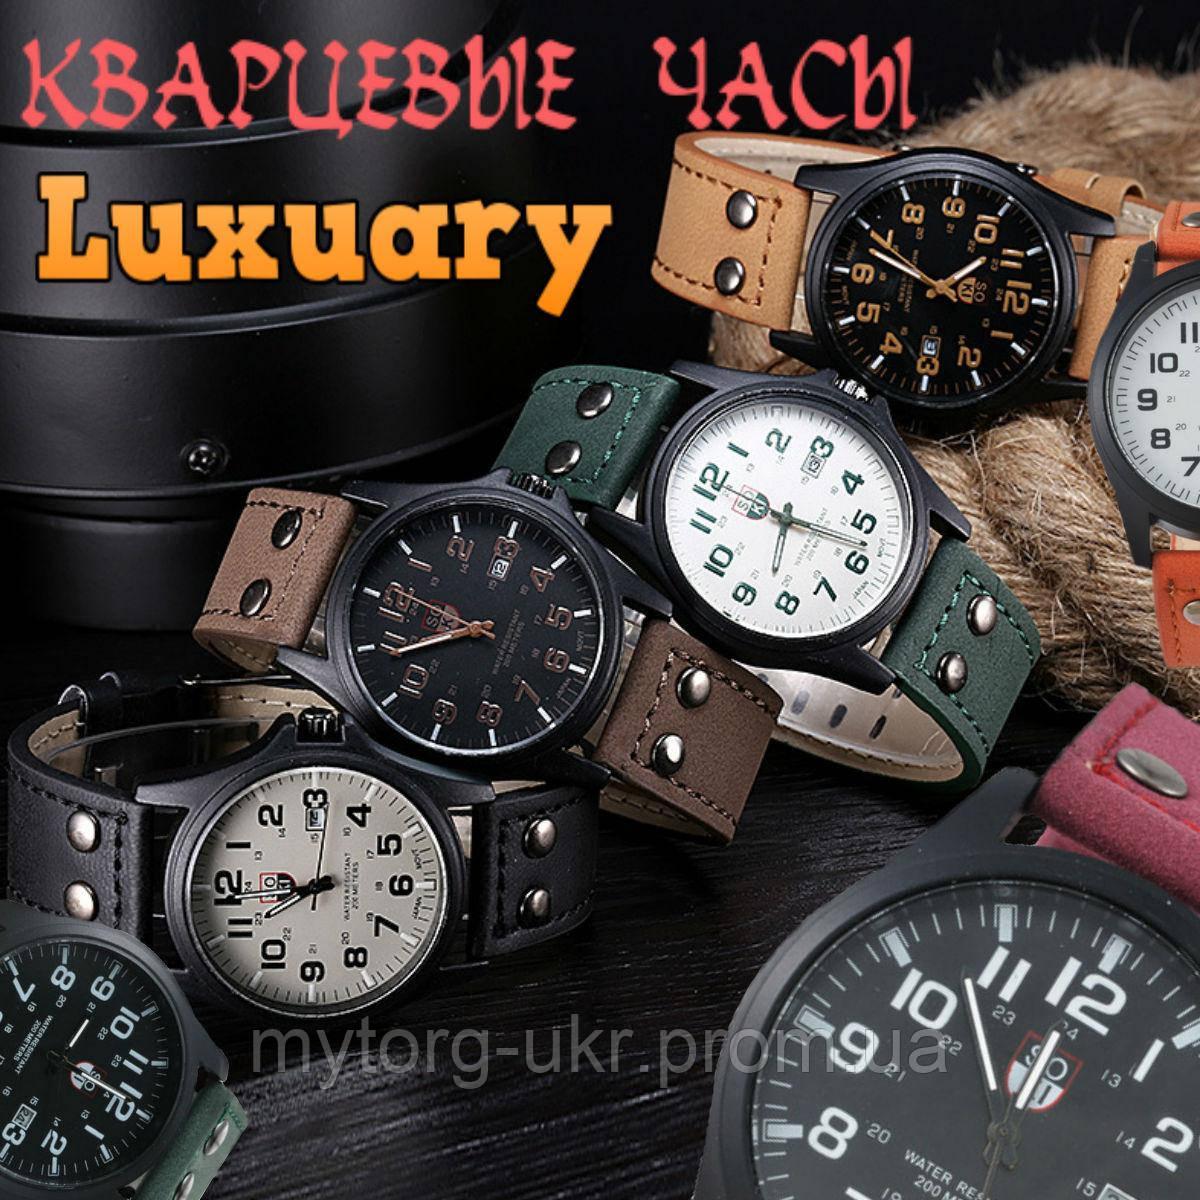 Чоловічі армійські годинник Хinew Luxuary Шкіряний ремінь Червоний ... 075789ee58f5b